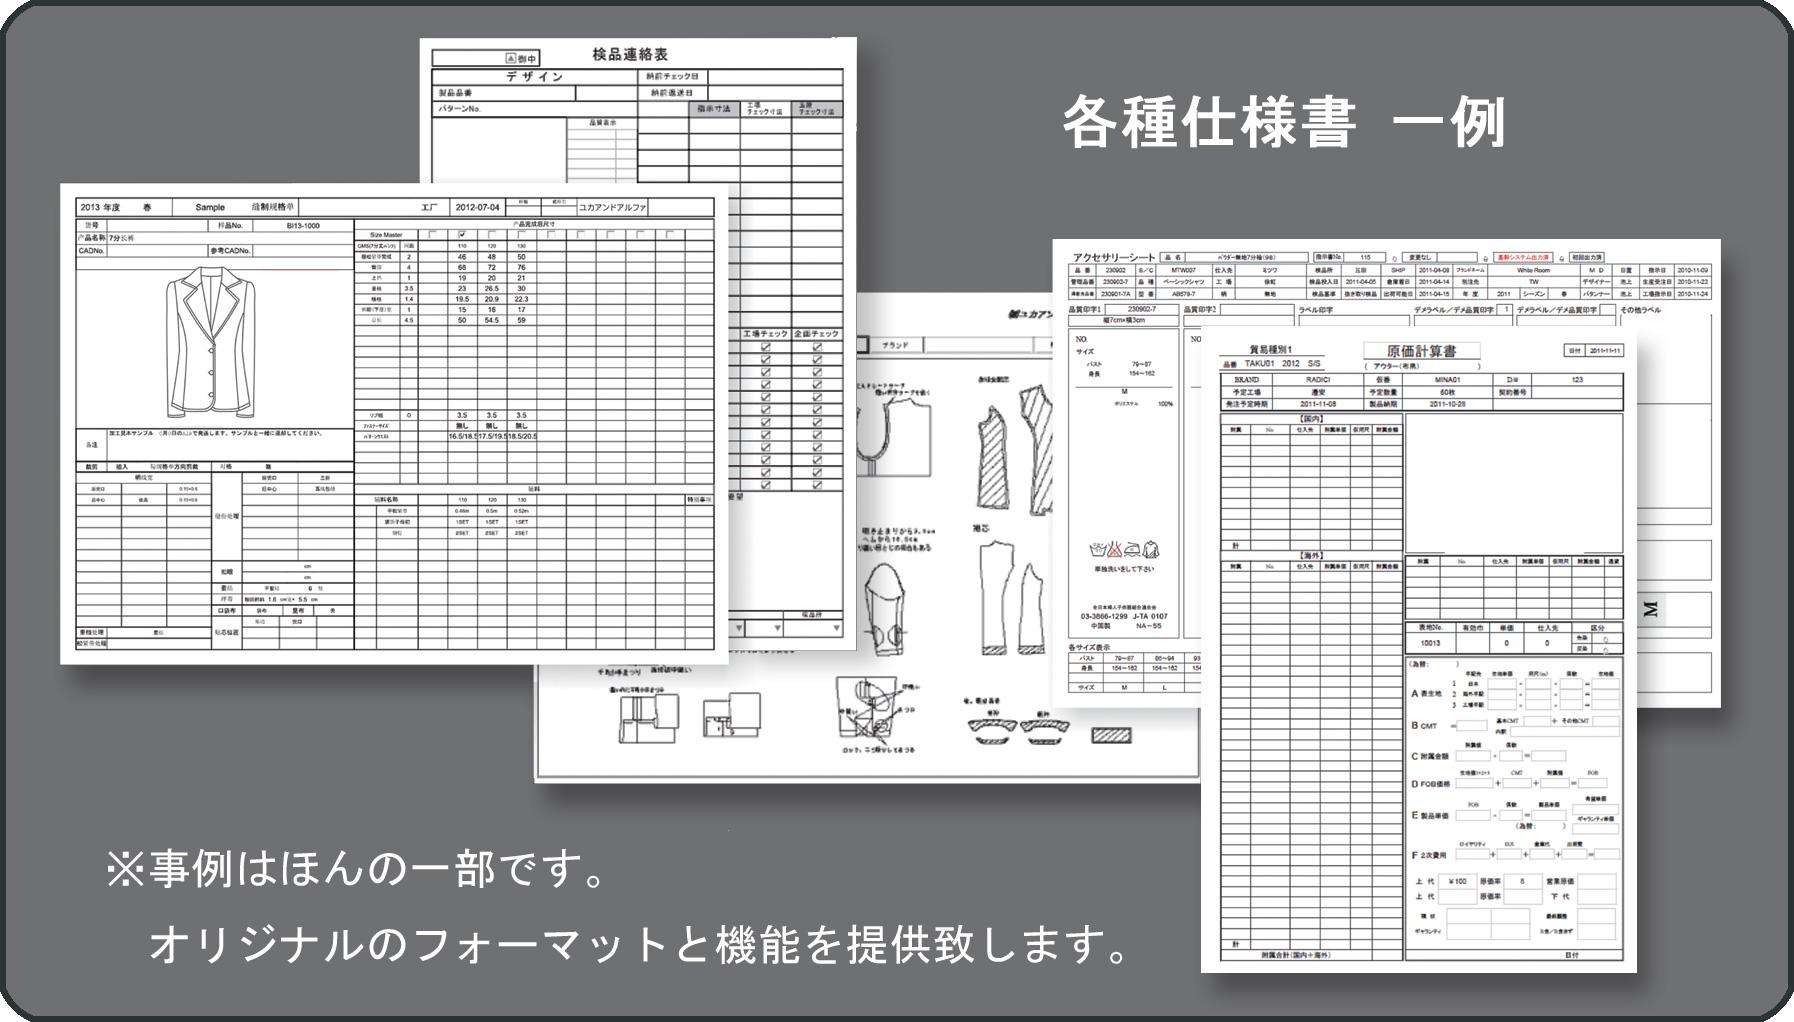 企画書や縫製仕様書、資材表や原価計算書、分納表や納期表等多種多様な仕様書の作成が可能